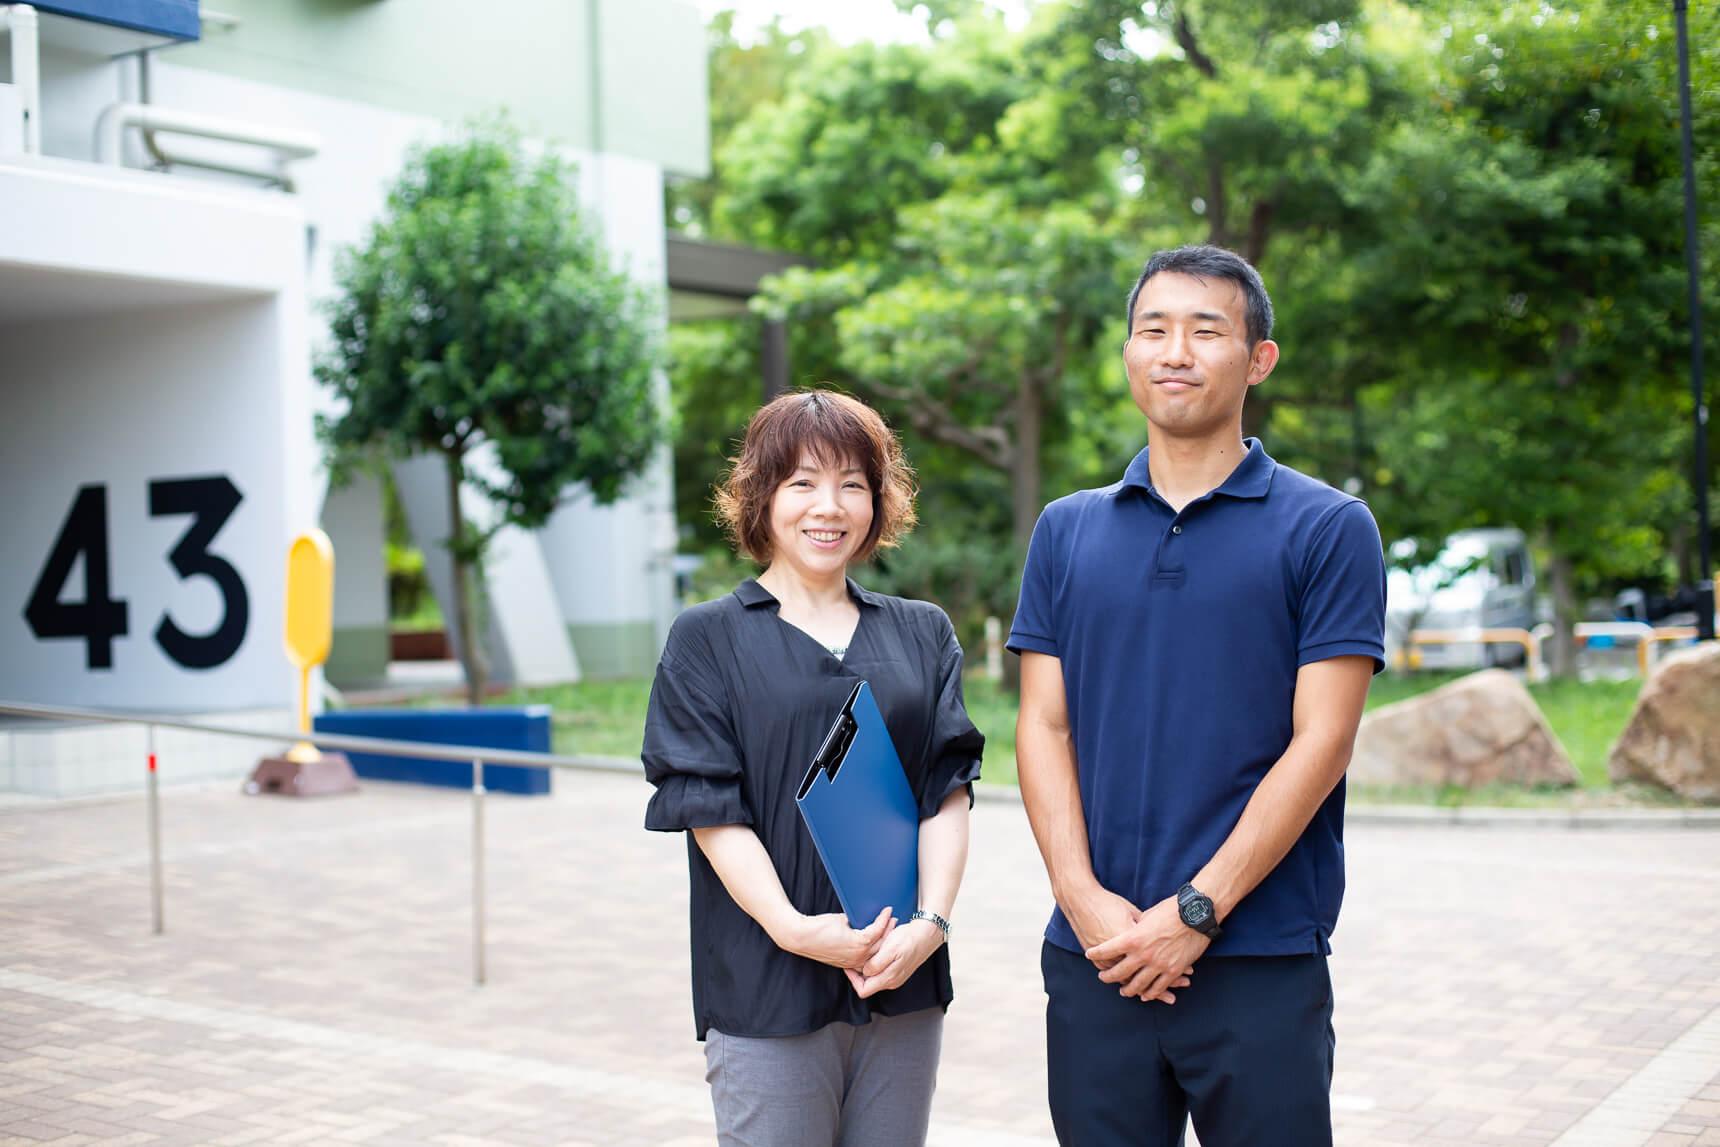 ご案内いただいたのは、UR都市機構の笹木さん(写真左)と木村さん(写真右)